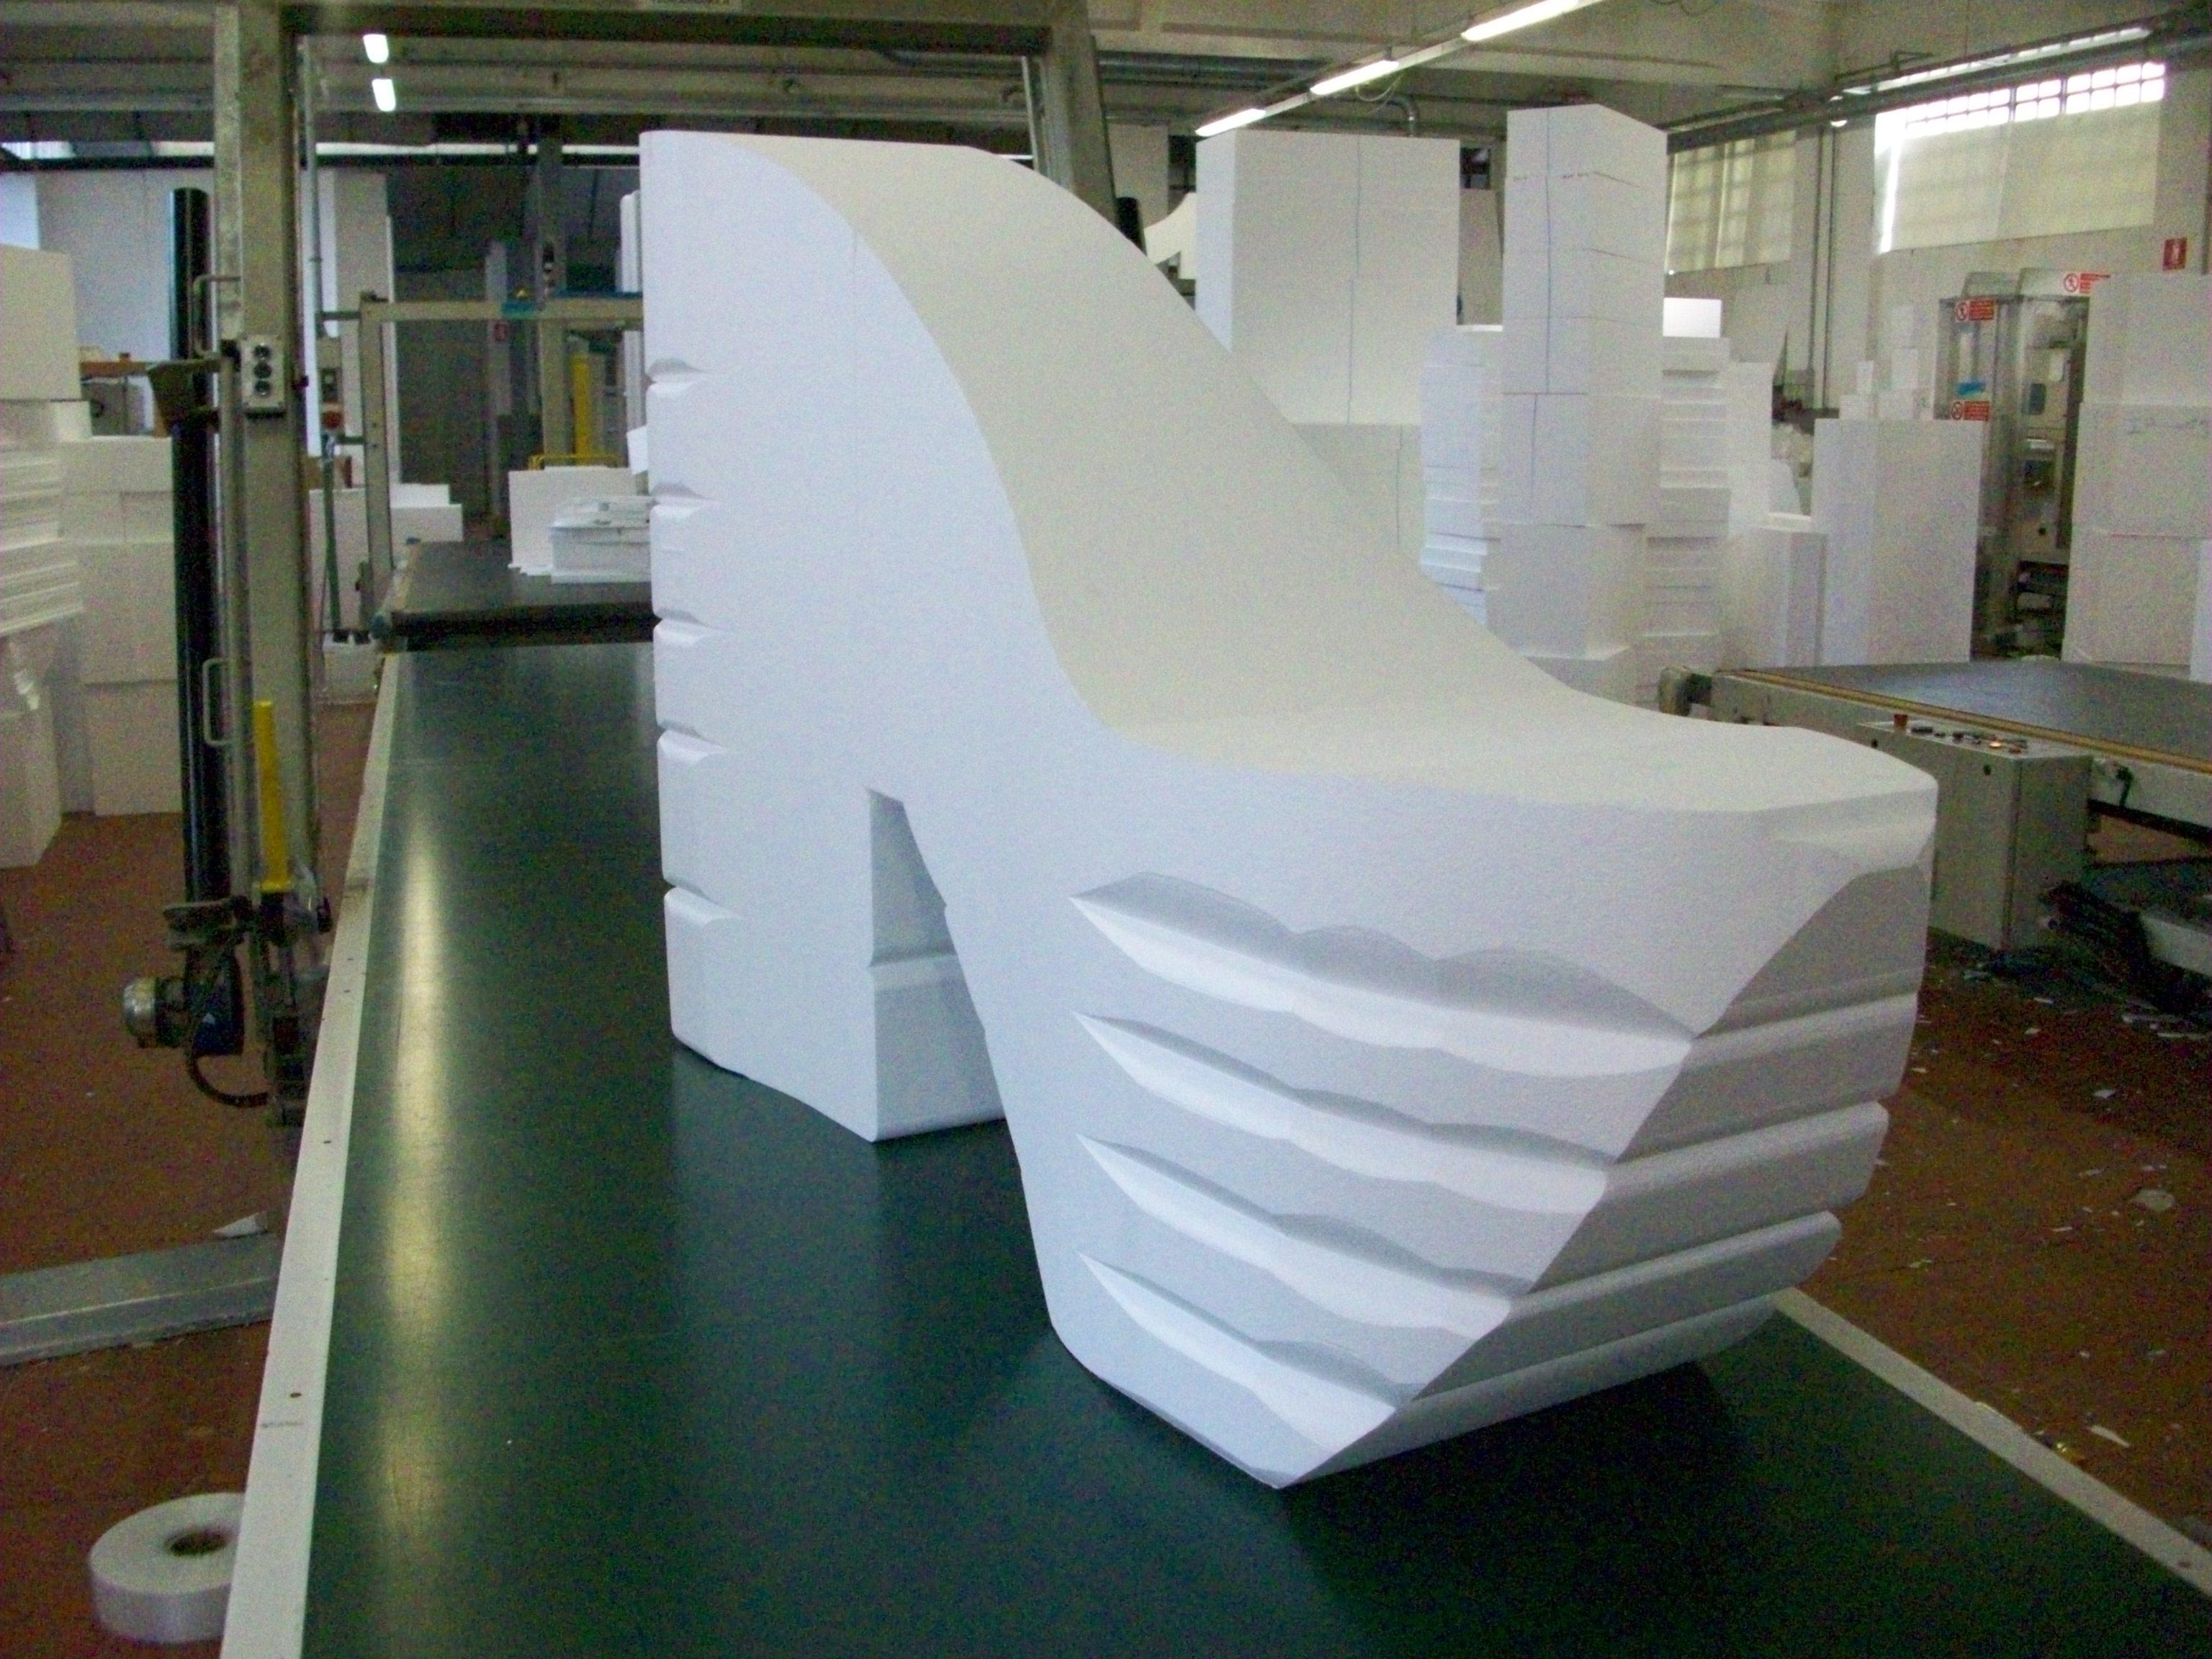 Scarpa gigante in polistirolo realizzata da copim for Scenografie in polistirolo